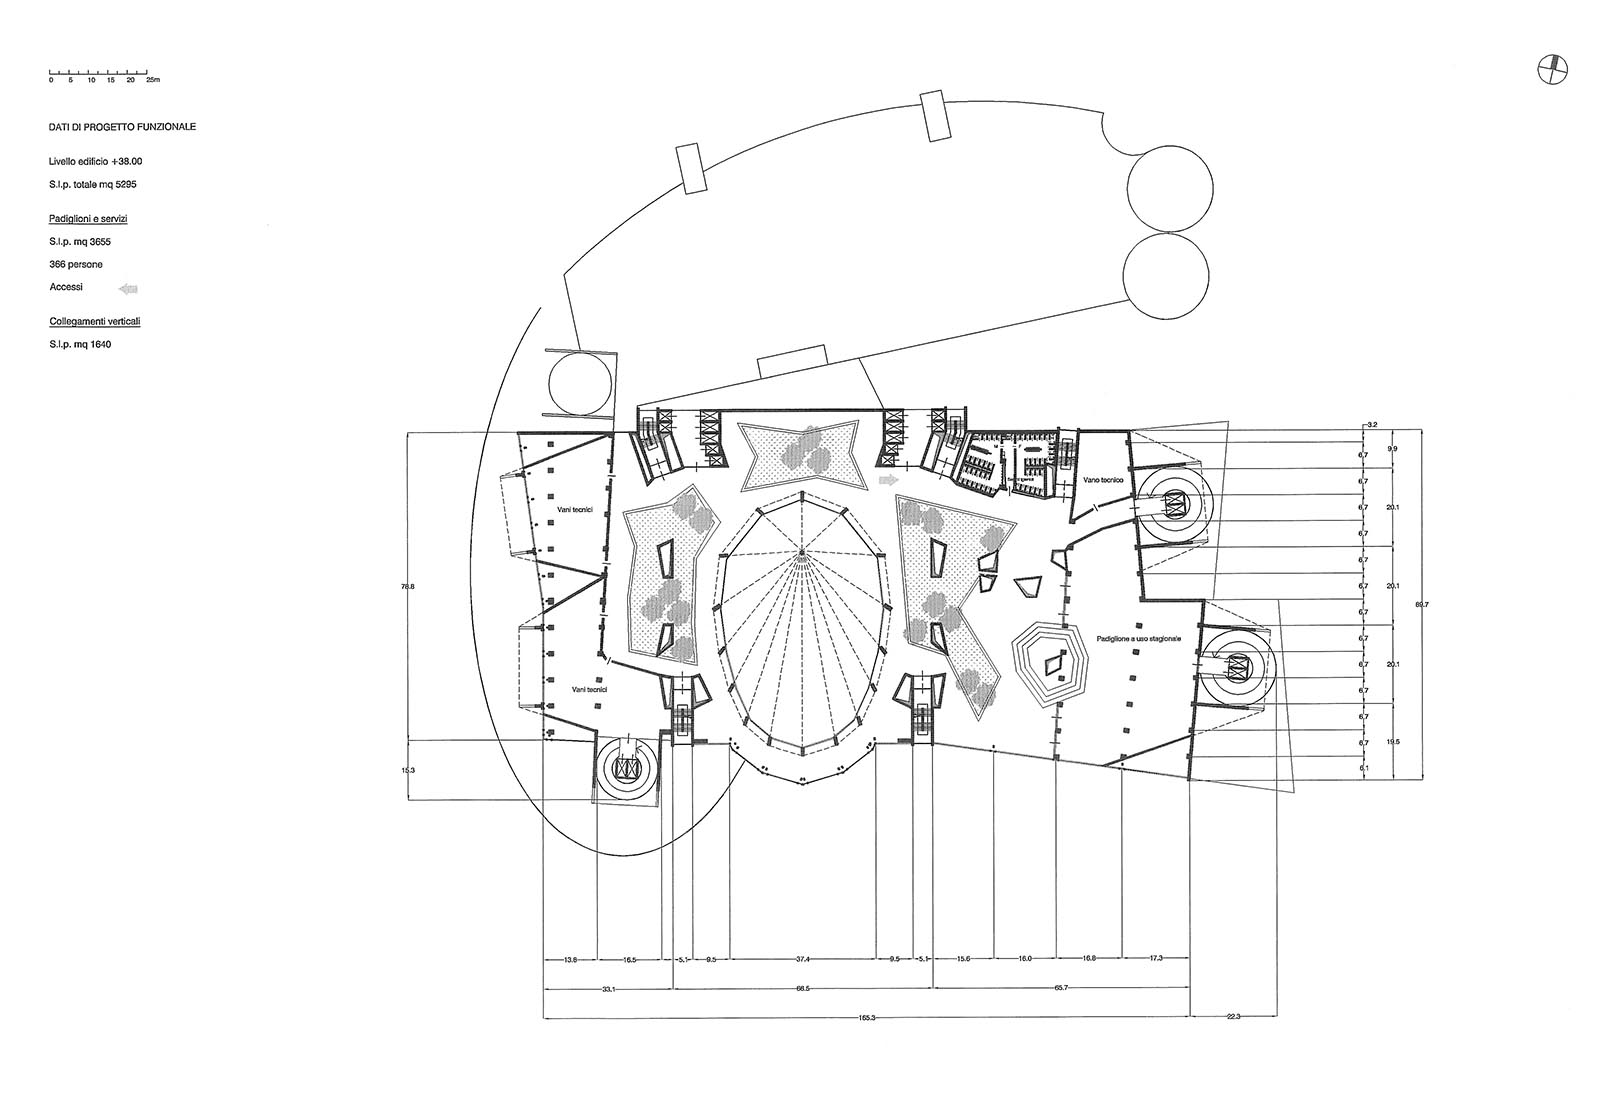 Leisure center a Rho - Pianta piano copertura